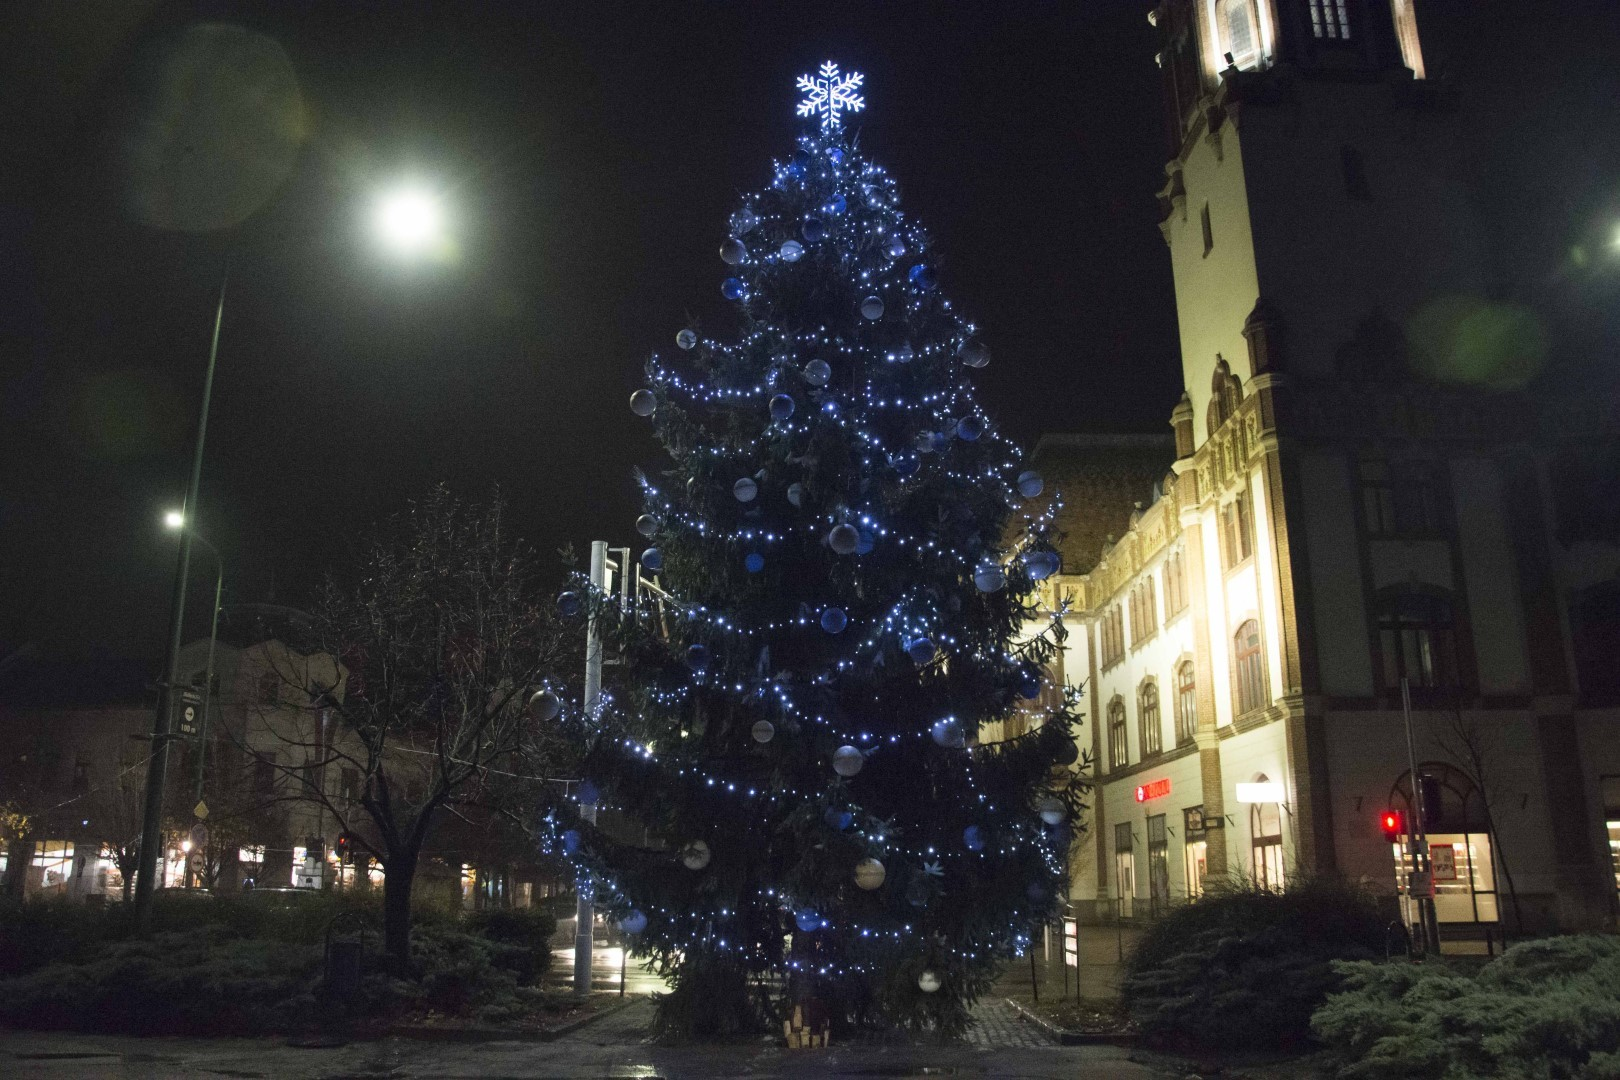 Szép karácsonyfa és díszkivilágítás gyönyörködteti a félegyháziakat